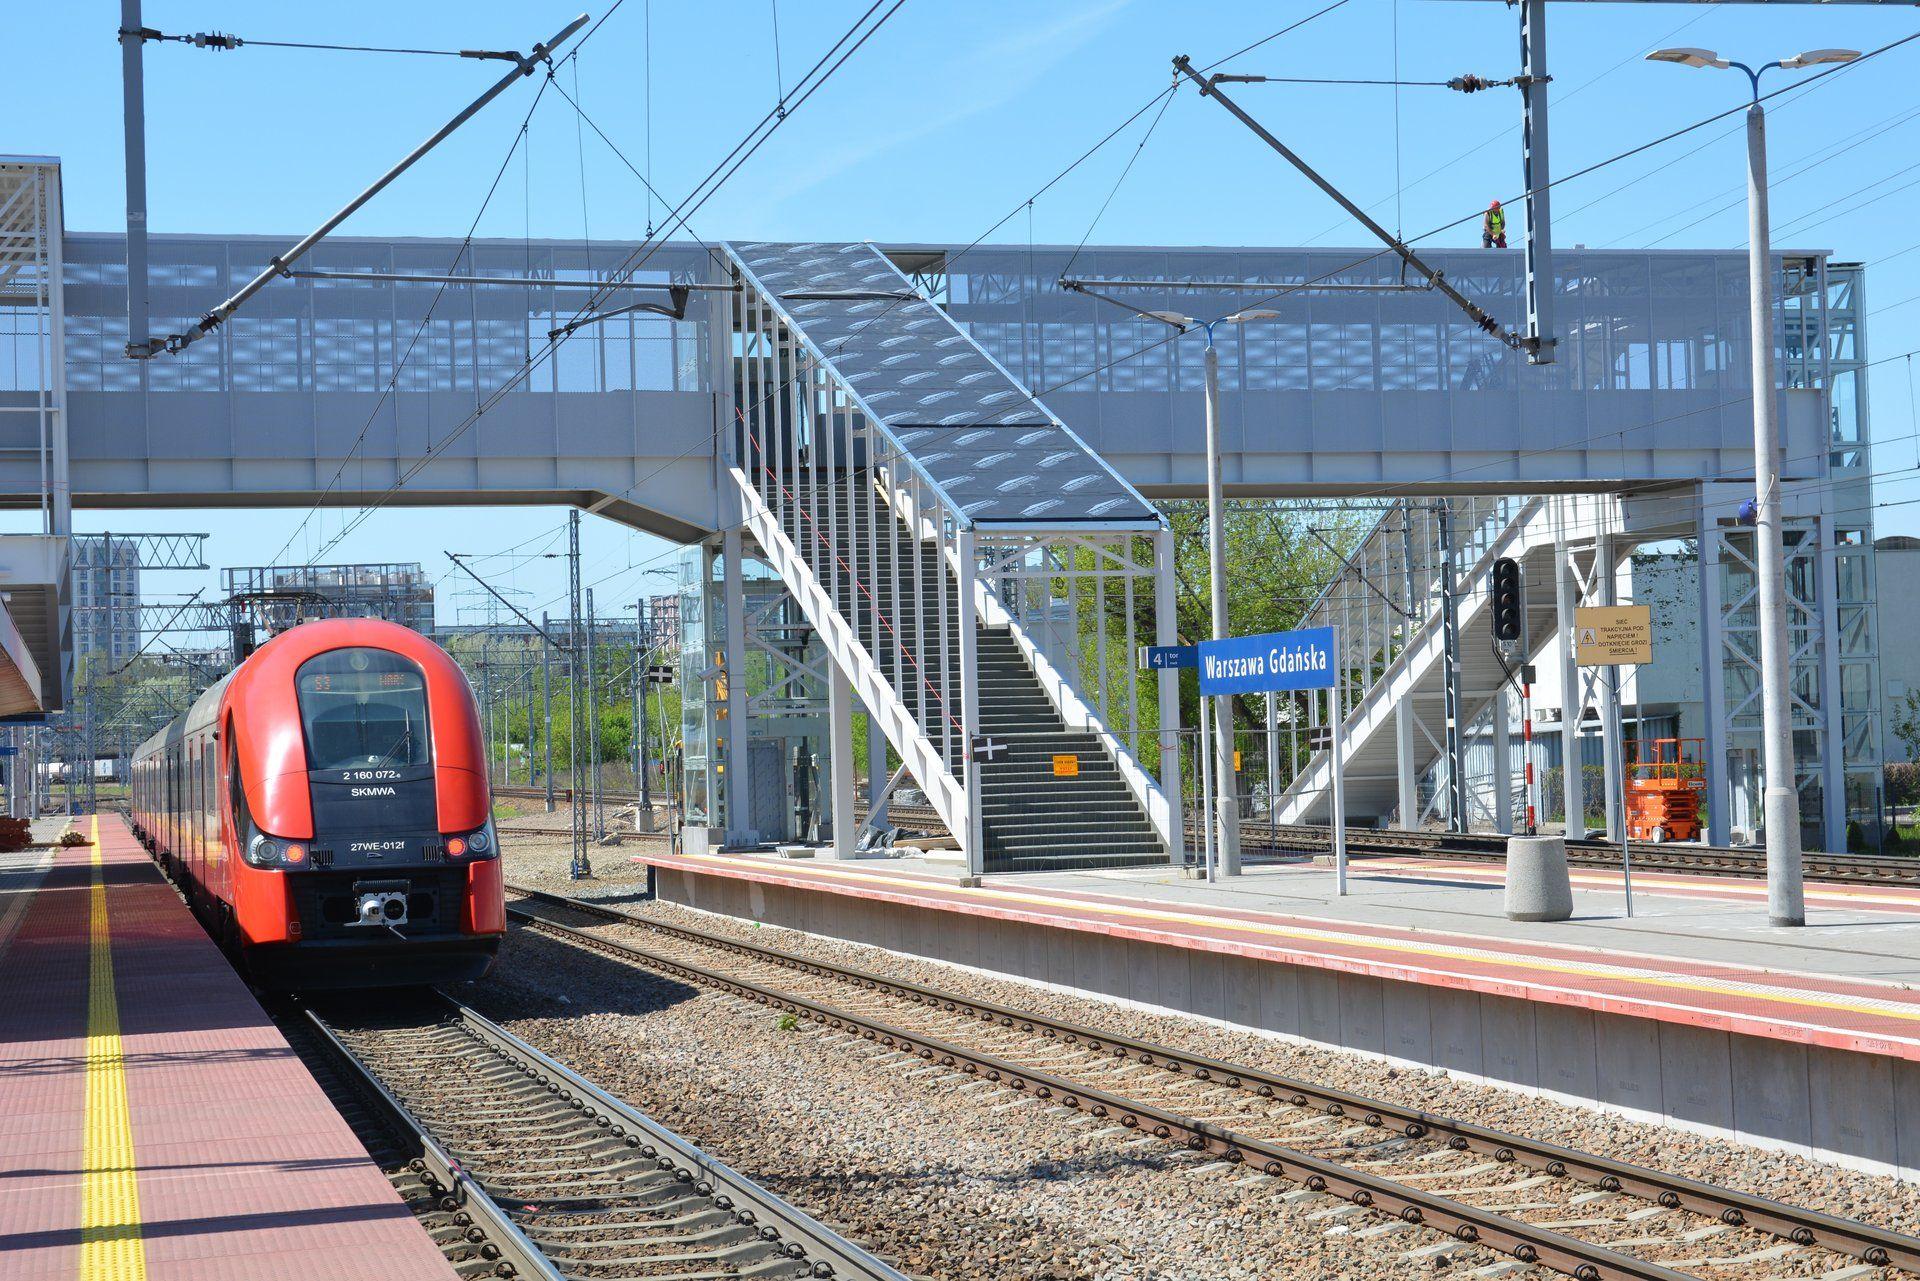 Trwa modernizacja stacji kolejowej Warszawa Gdańska